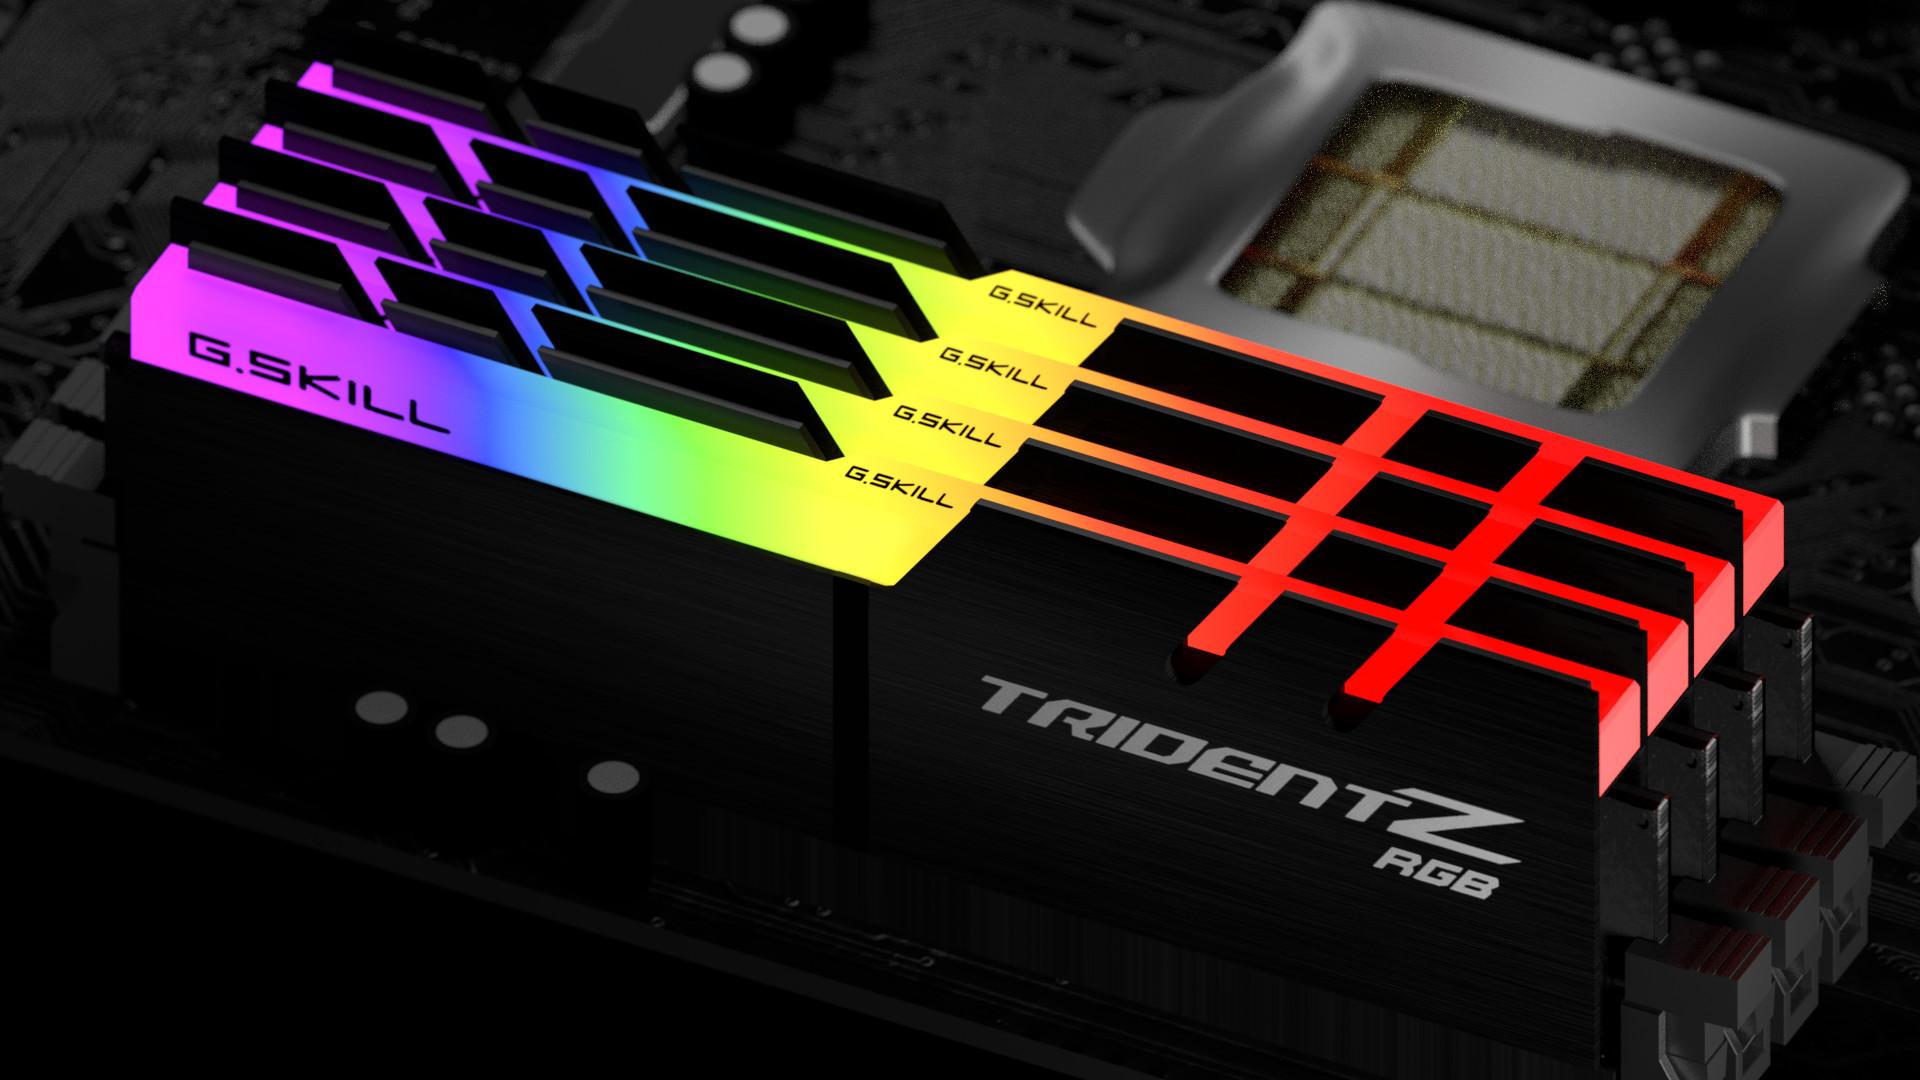 MODULO 8GB (3200 MHZ) TRIDENT Z RGB - GSKILL